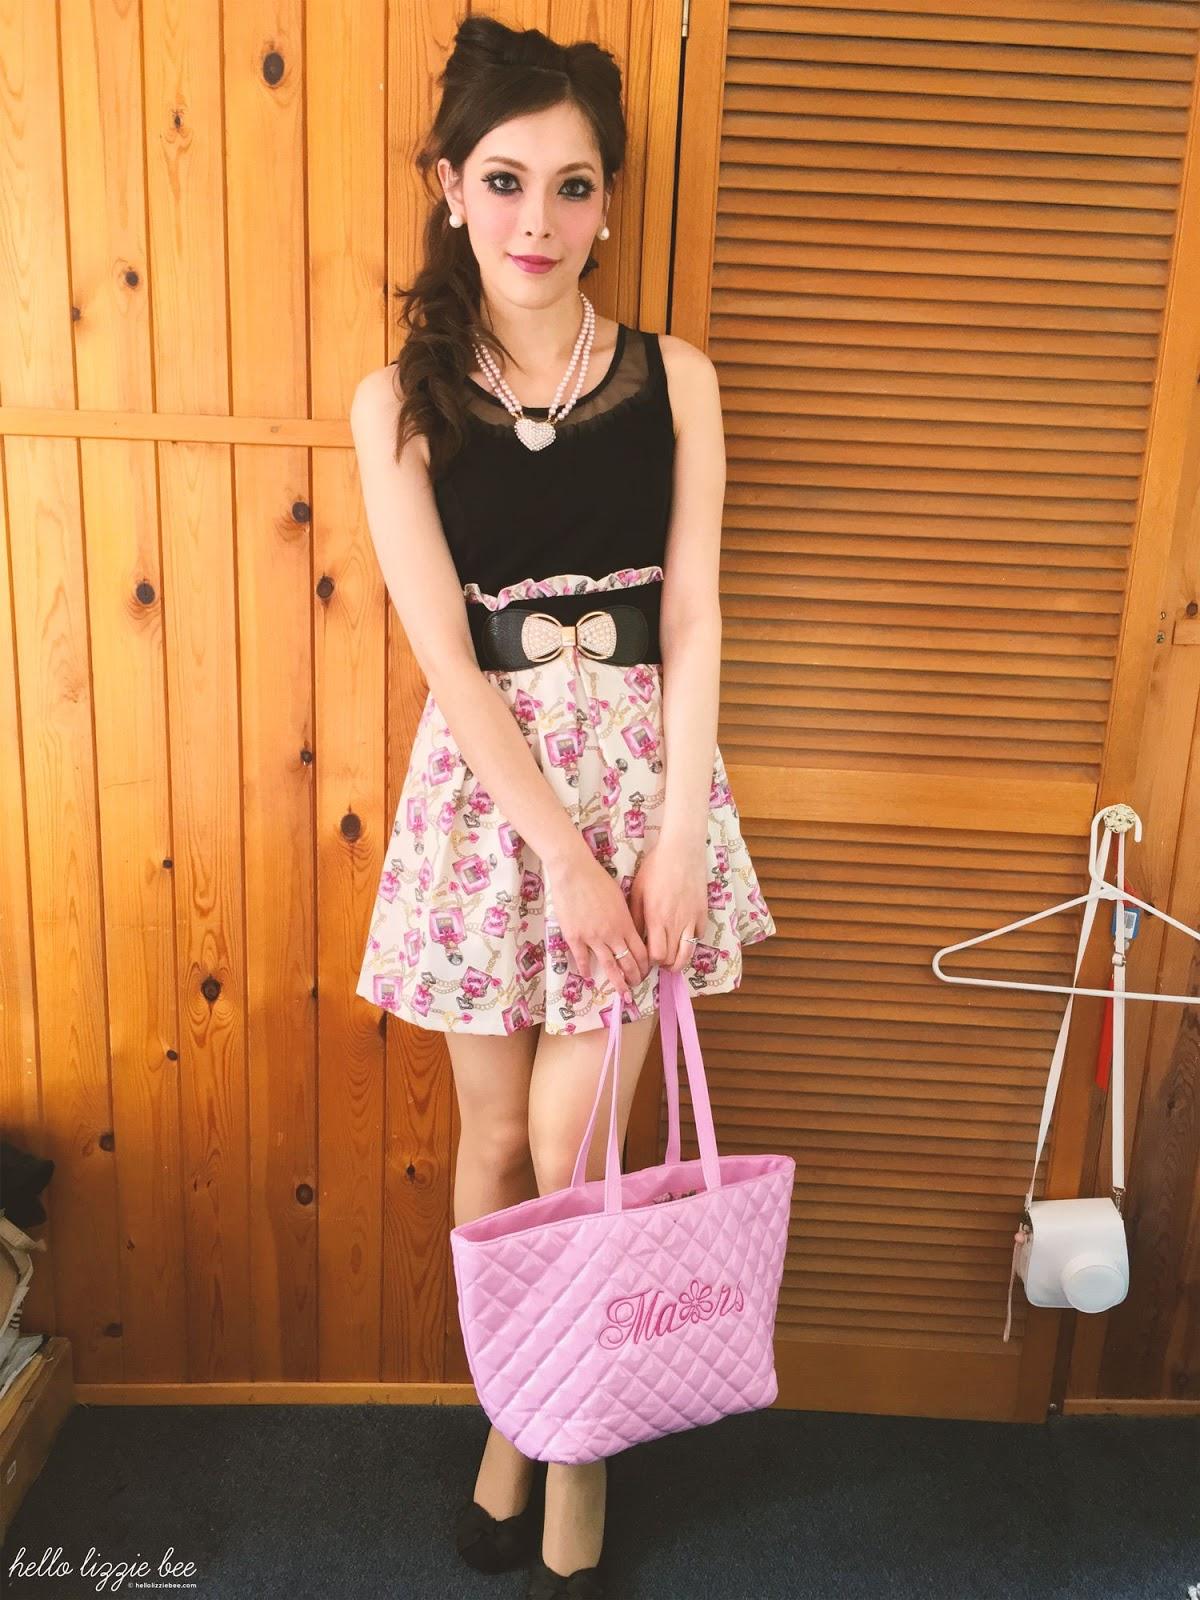 agejo gyaru outfit, MA*RS, gaijin gyaru